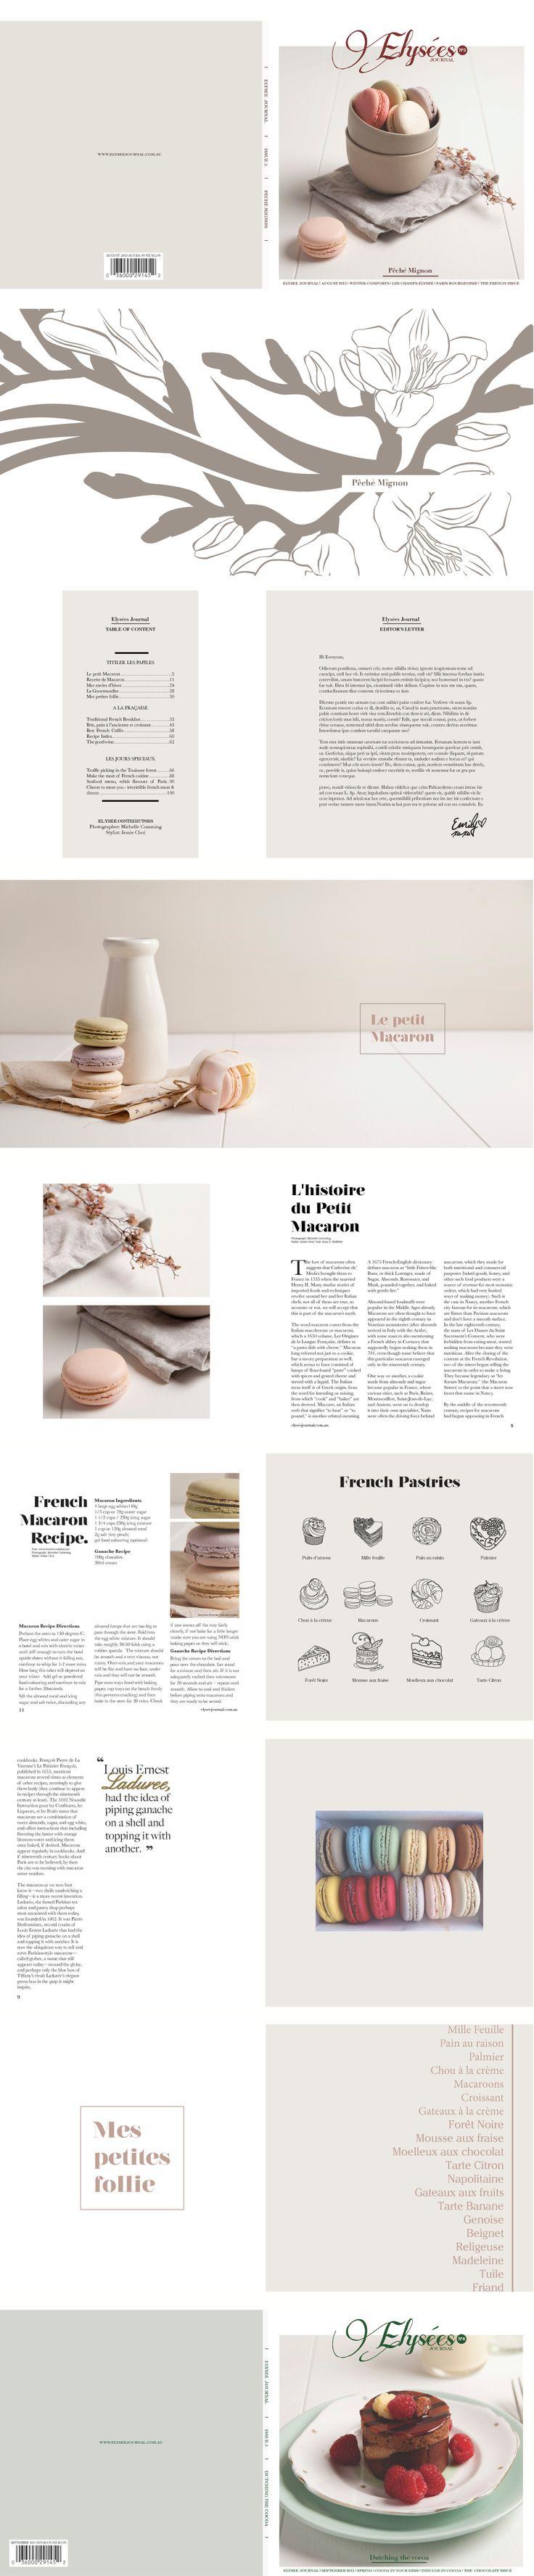 RMIT UNIVERSITY Media Communication Elyse Magazine By Emily Leung CreativeFest